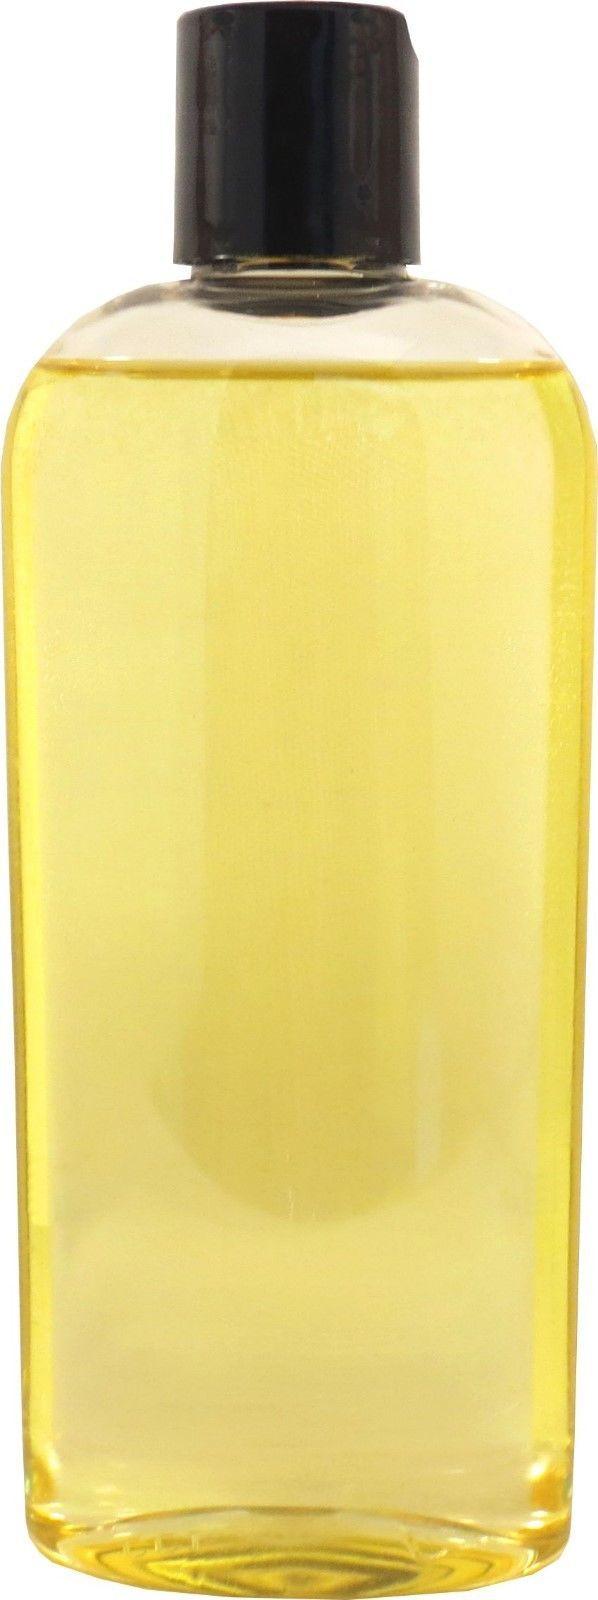 Patchouli Bath Oil